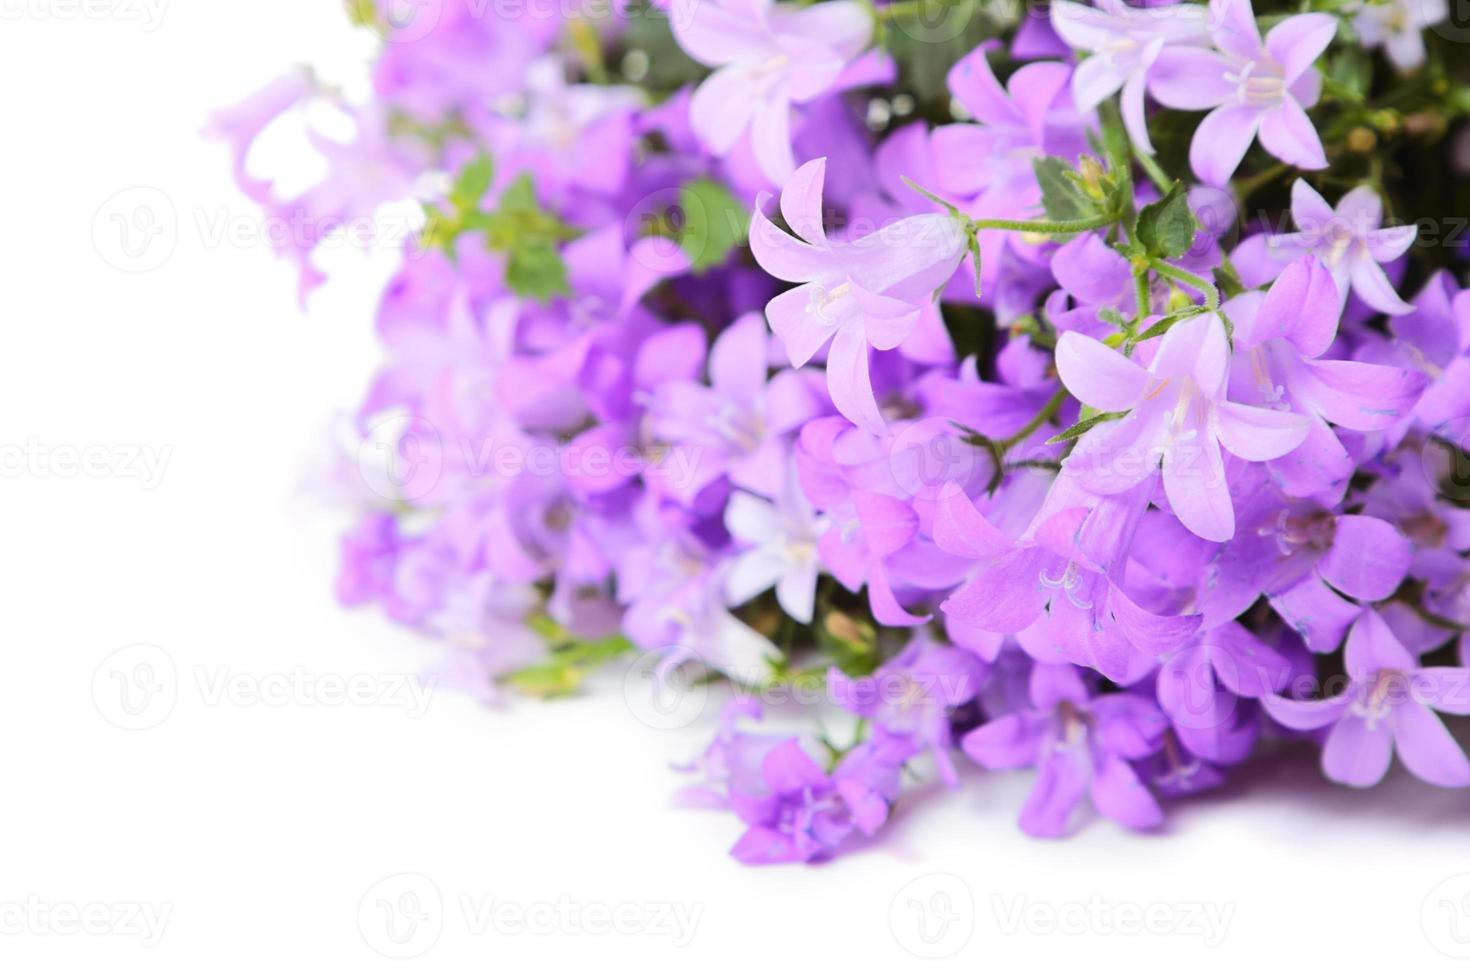 fiori a campana foto